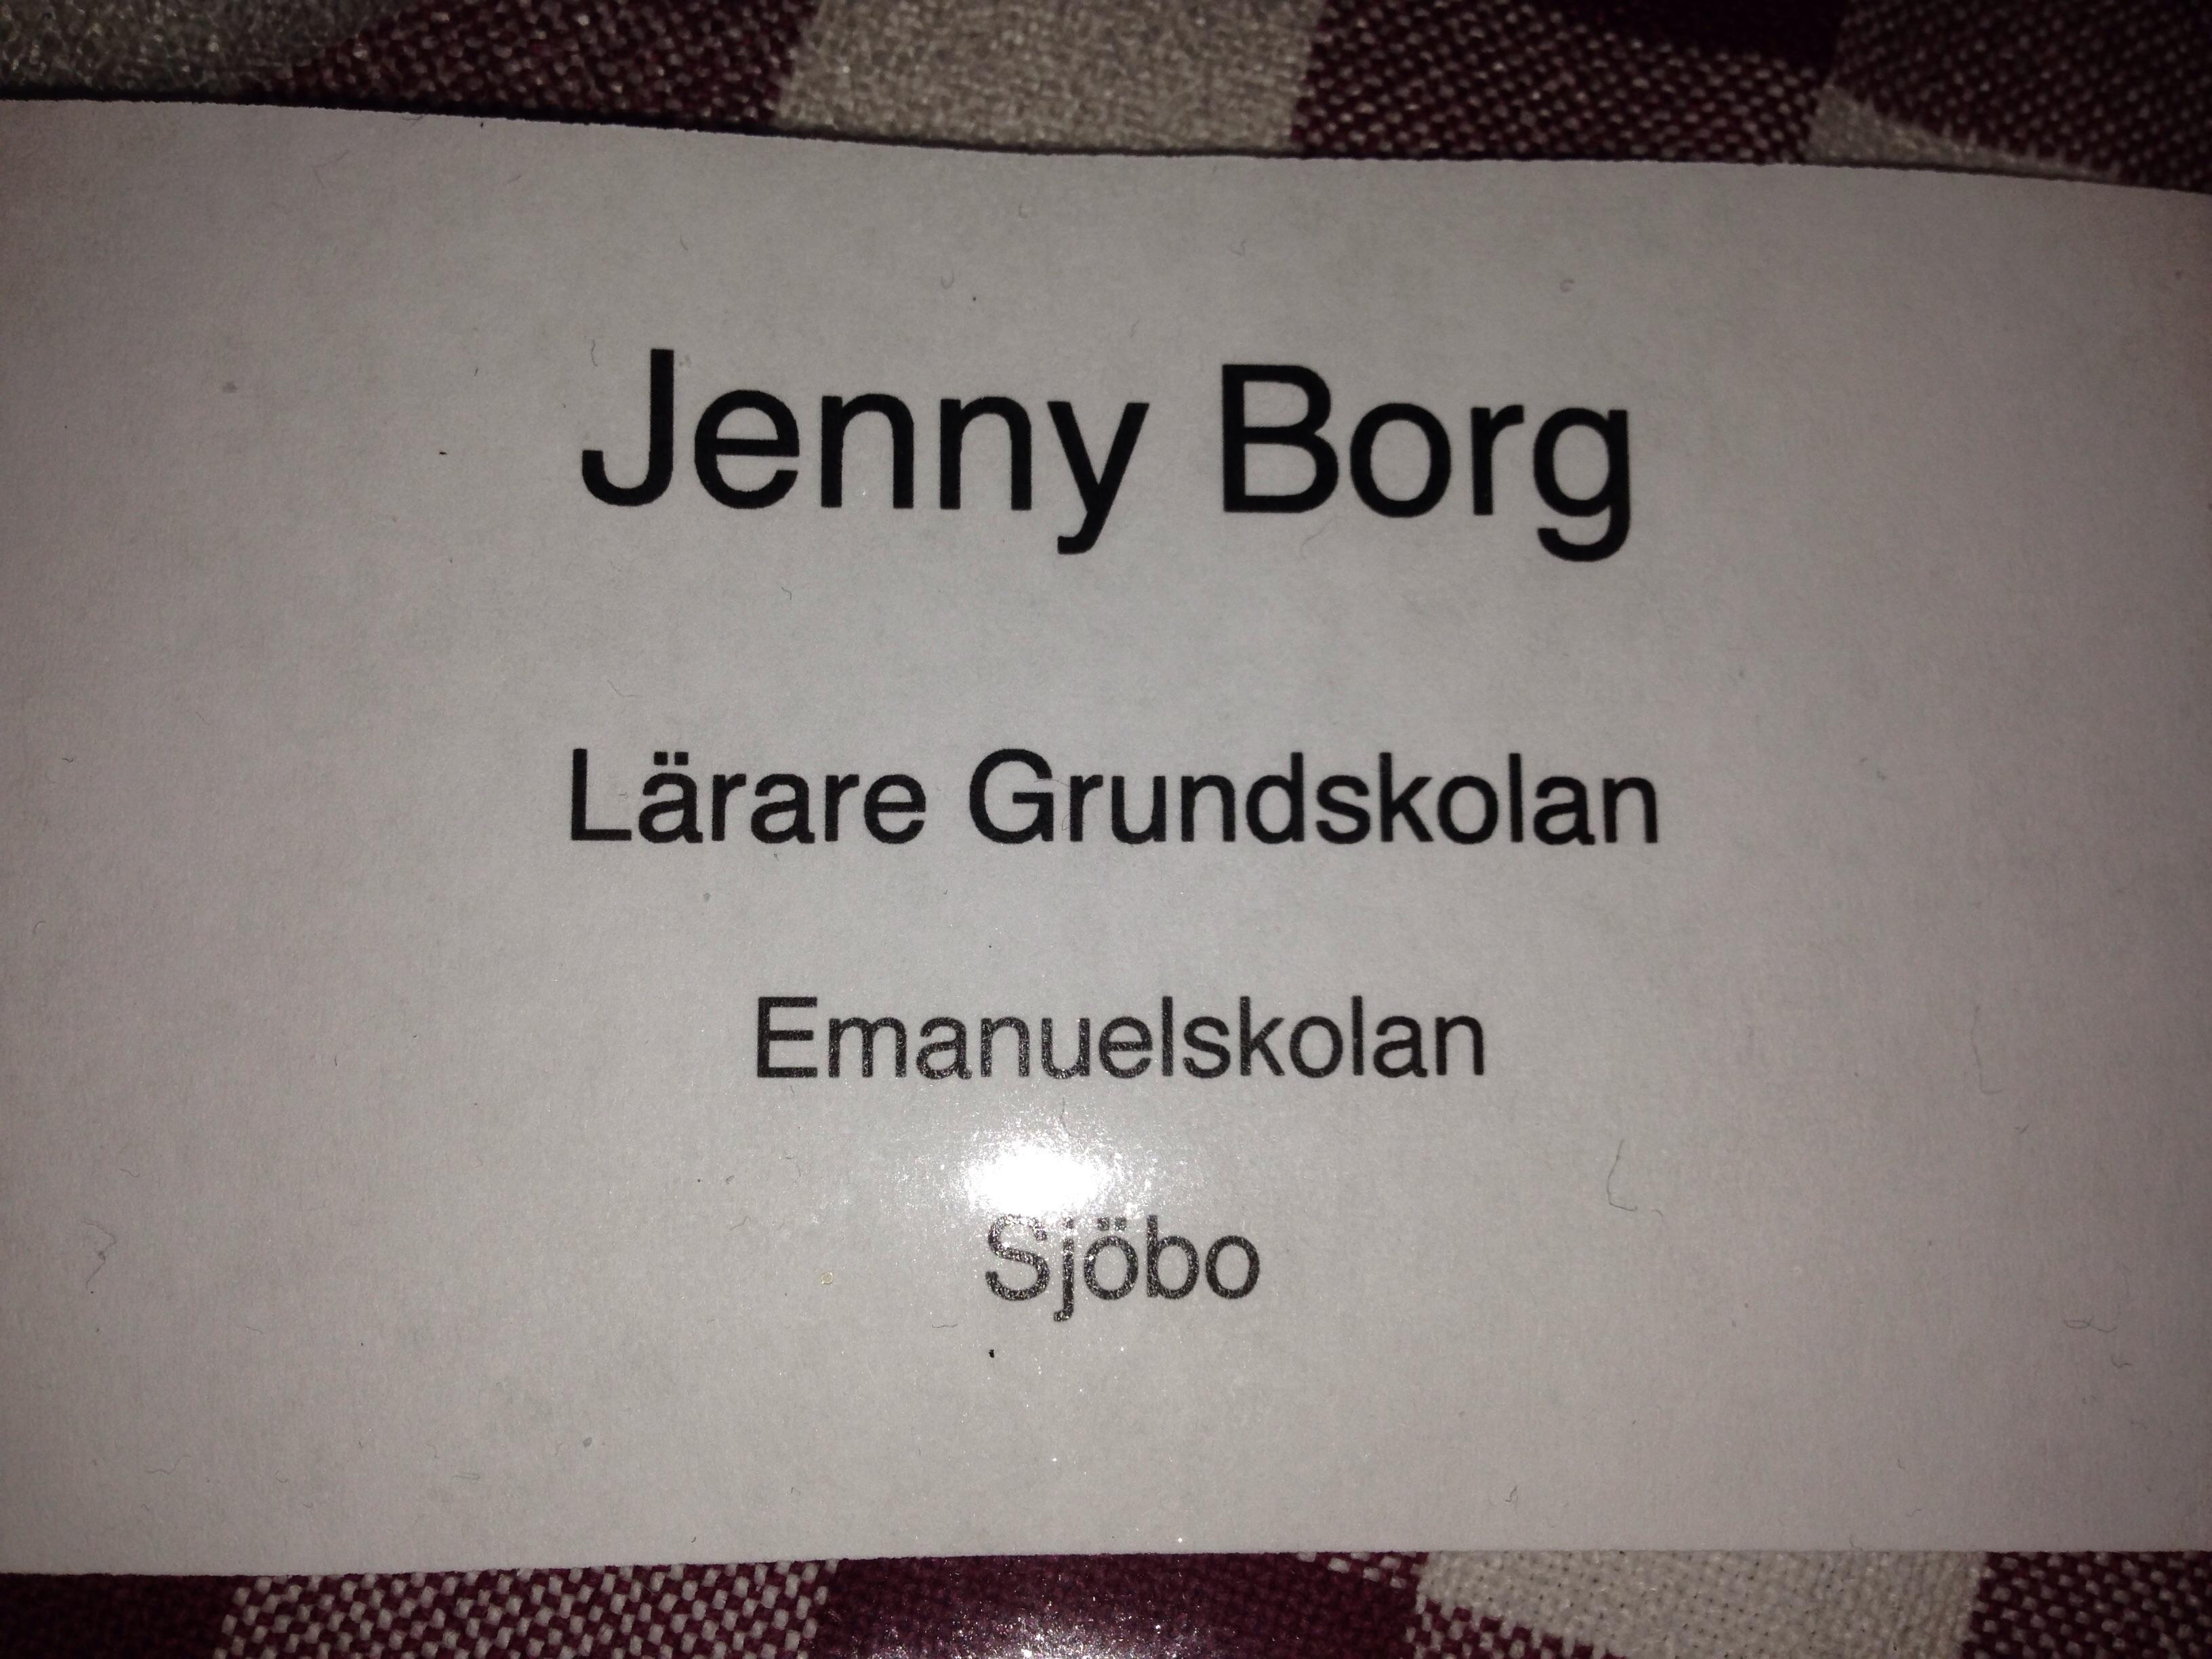 Dejting för singlar på Mösoundstefan.com - Sveriges bästa dejtingsajt